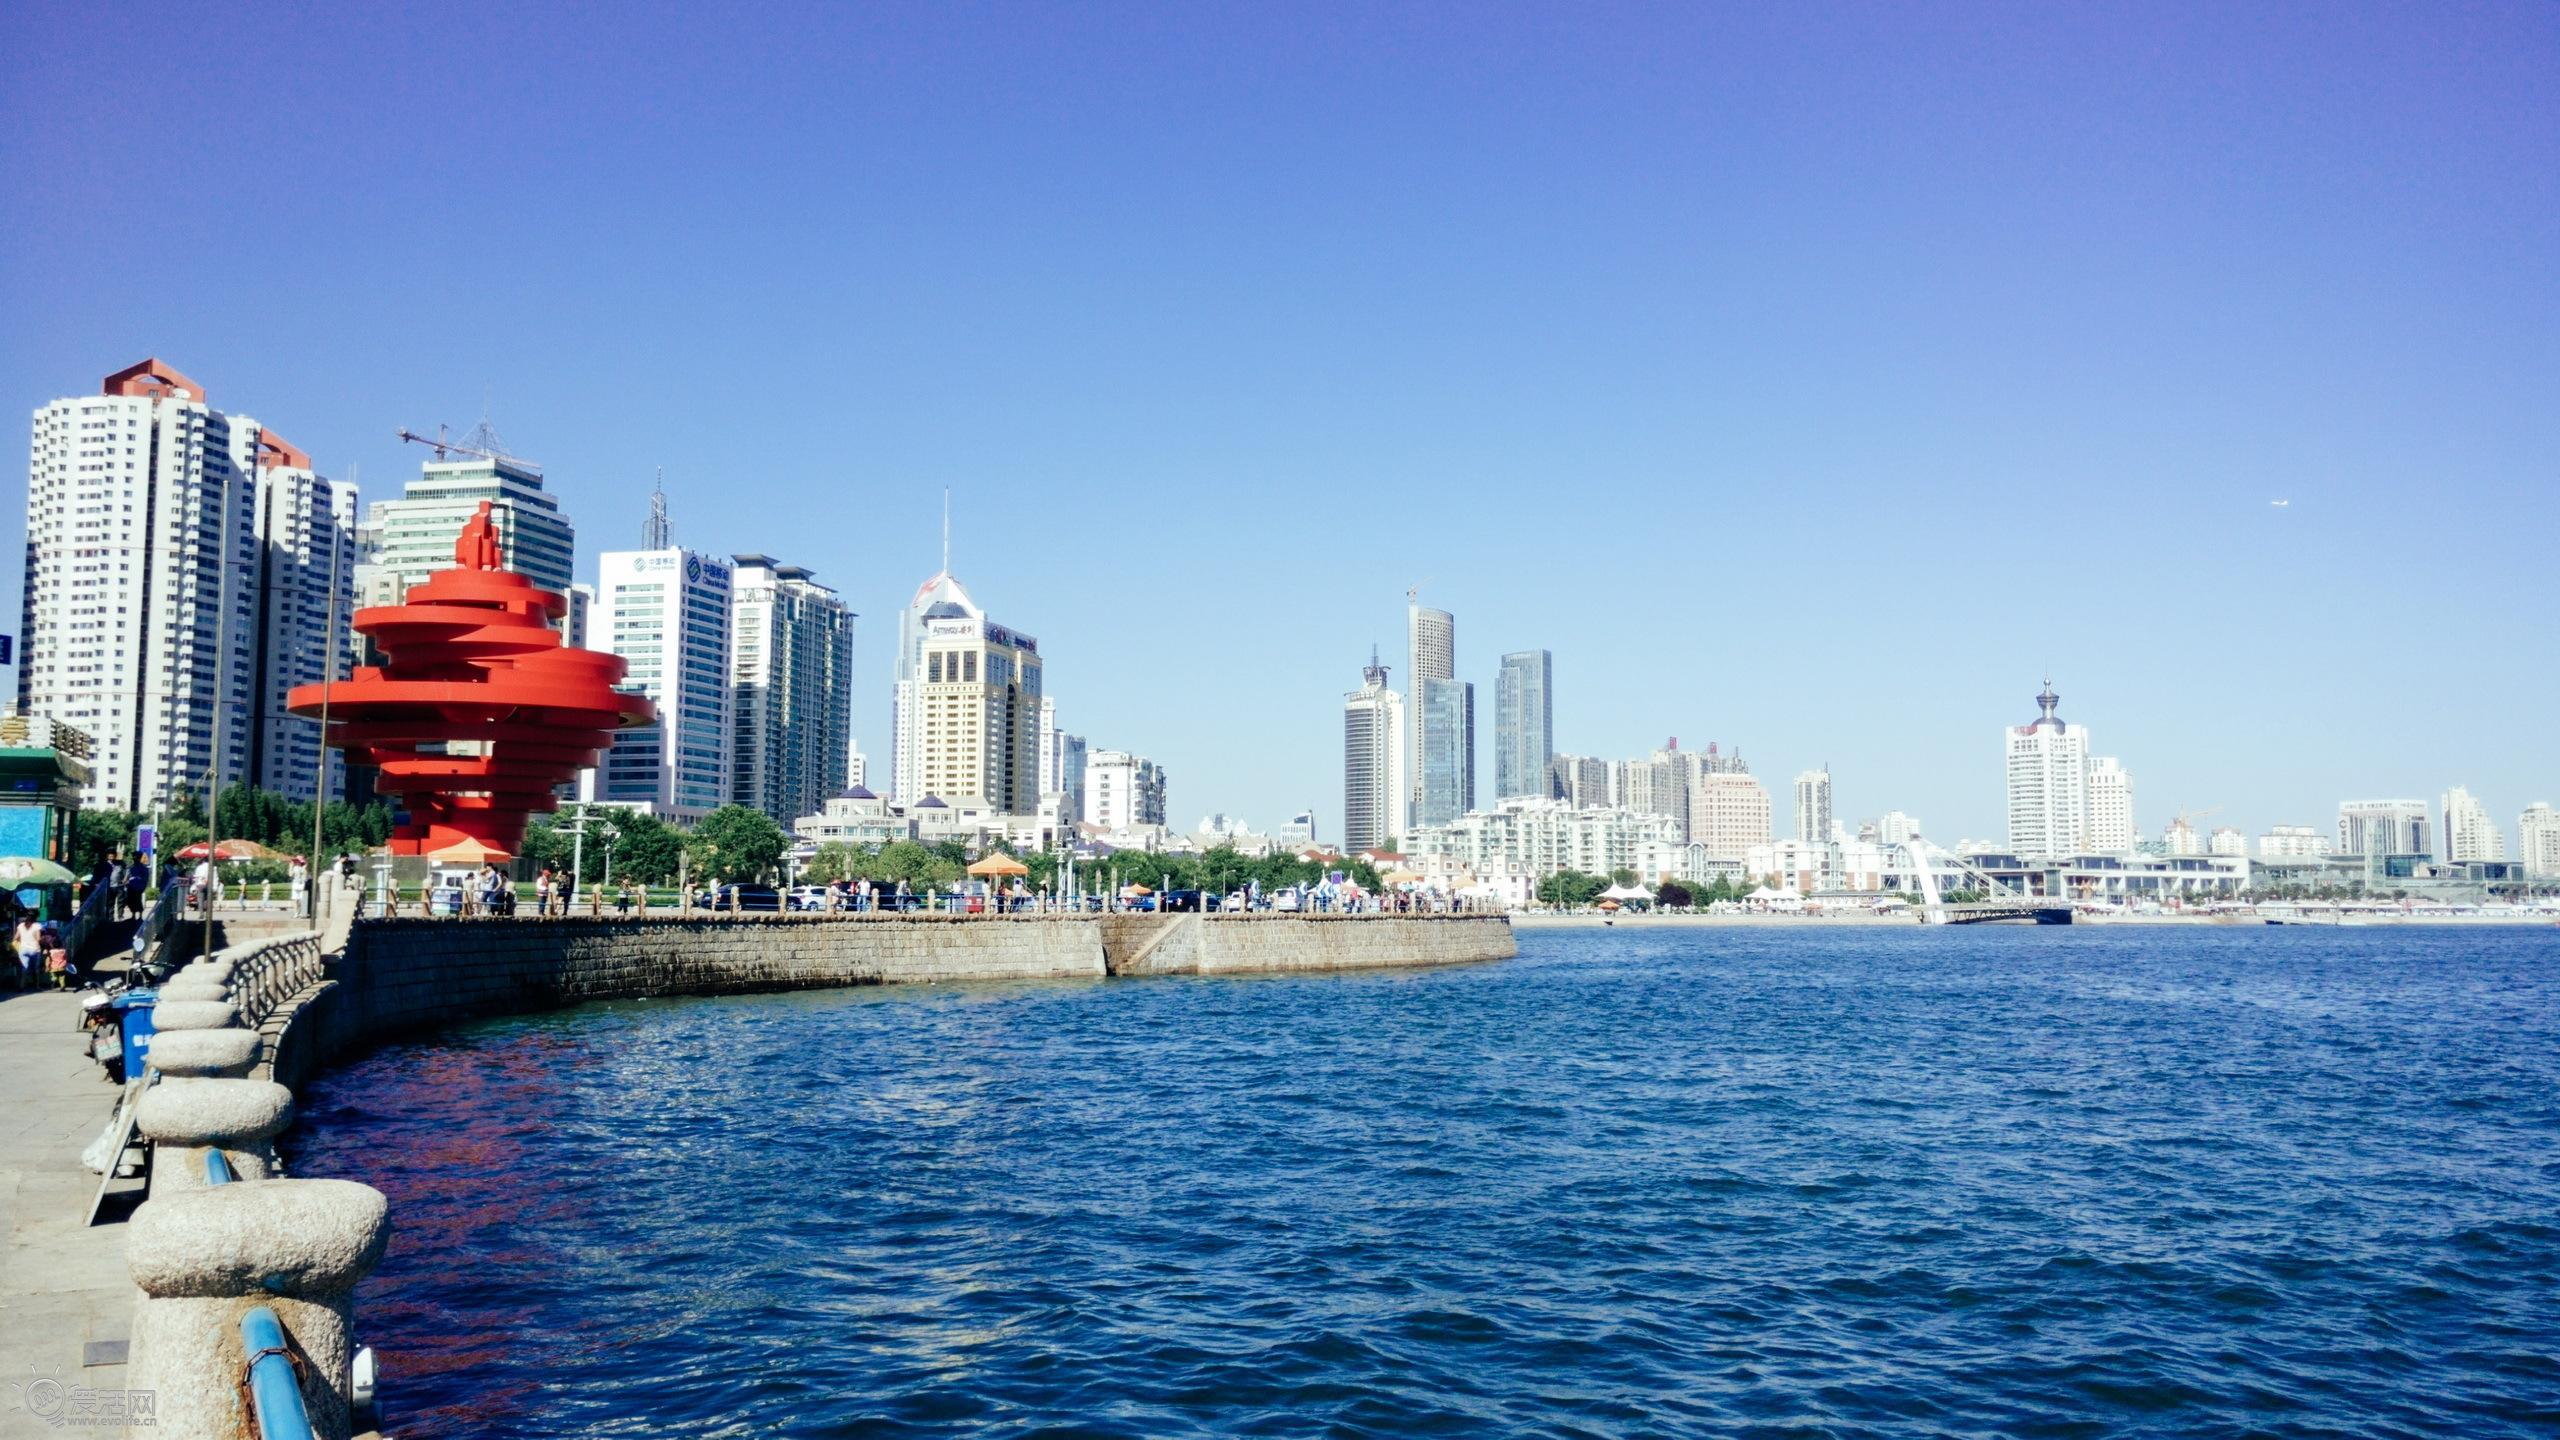 青岛、乳山、威海、蓬莱、烟台、大连、旅顺北京单飞单卧11日游